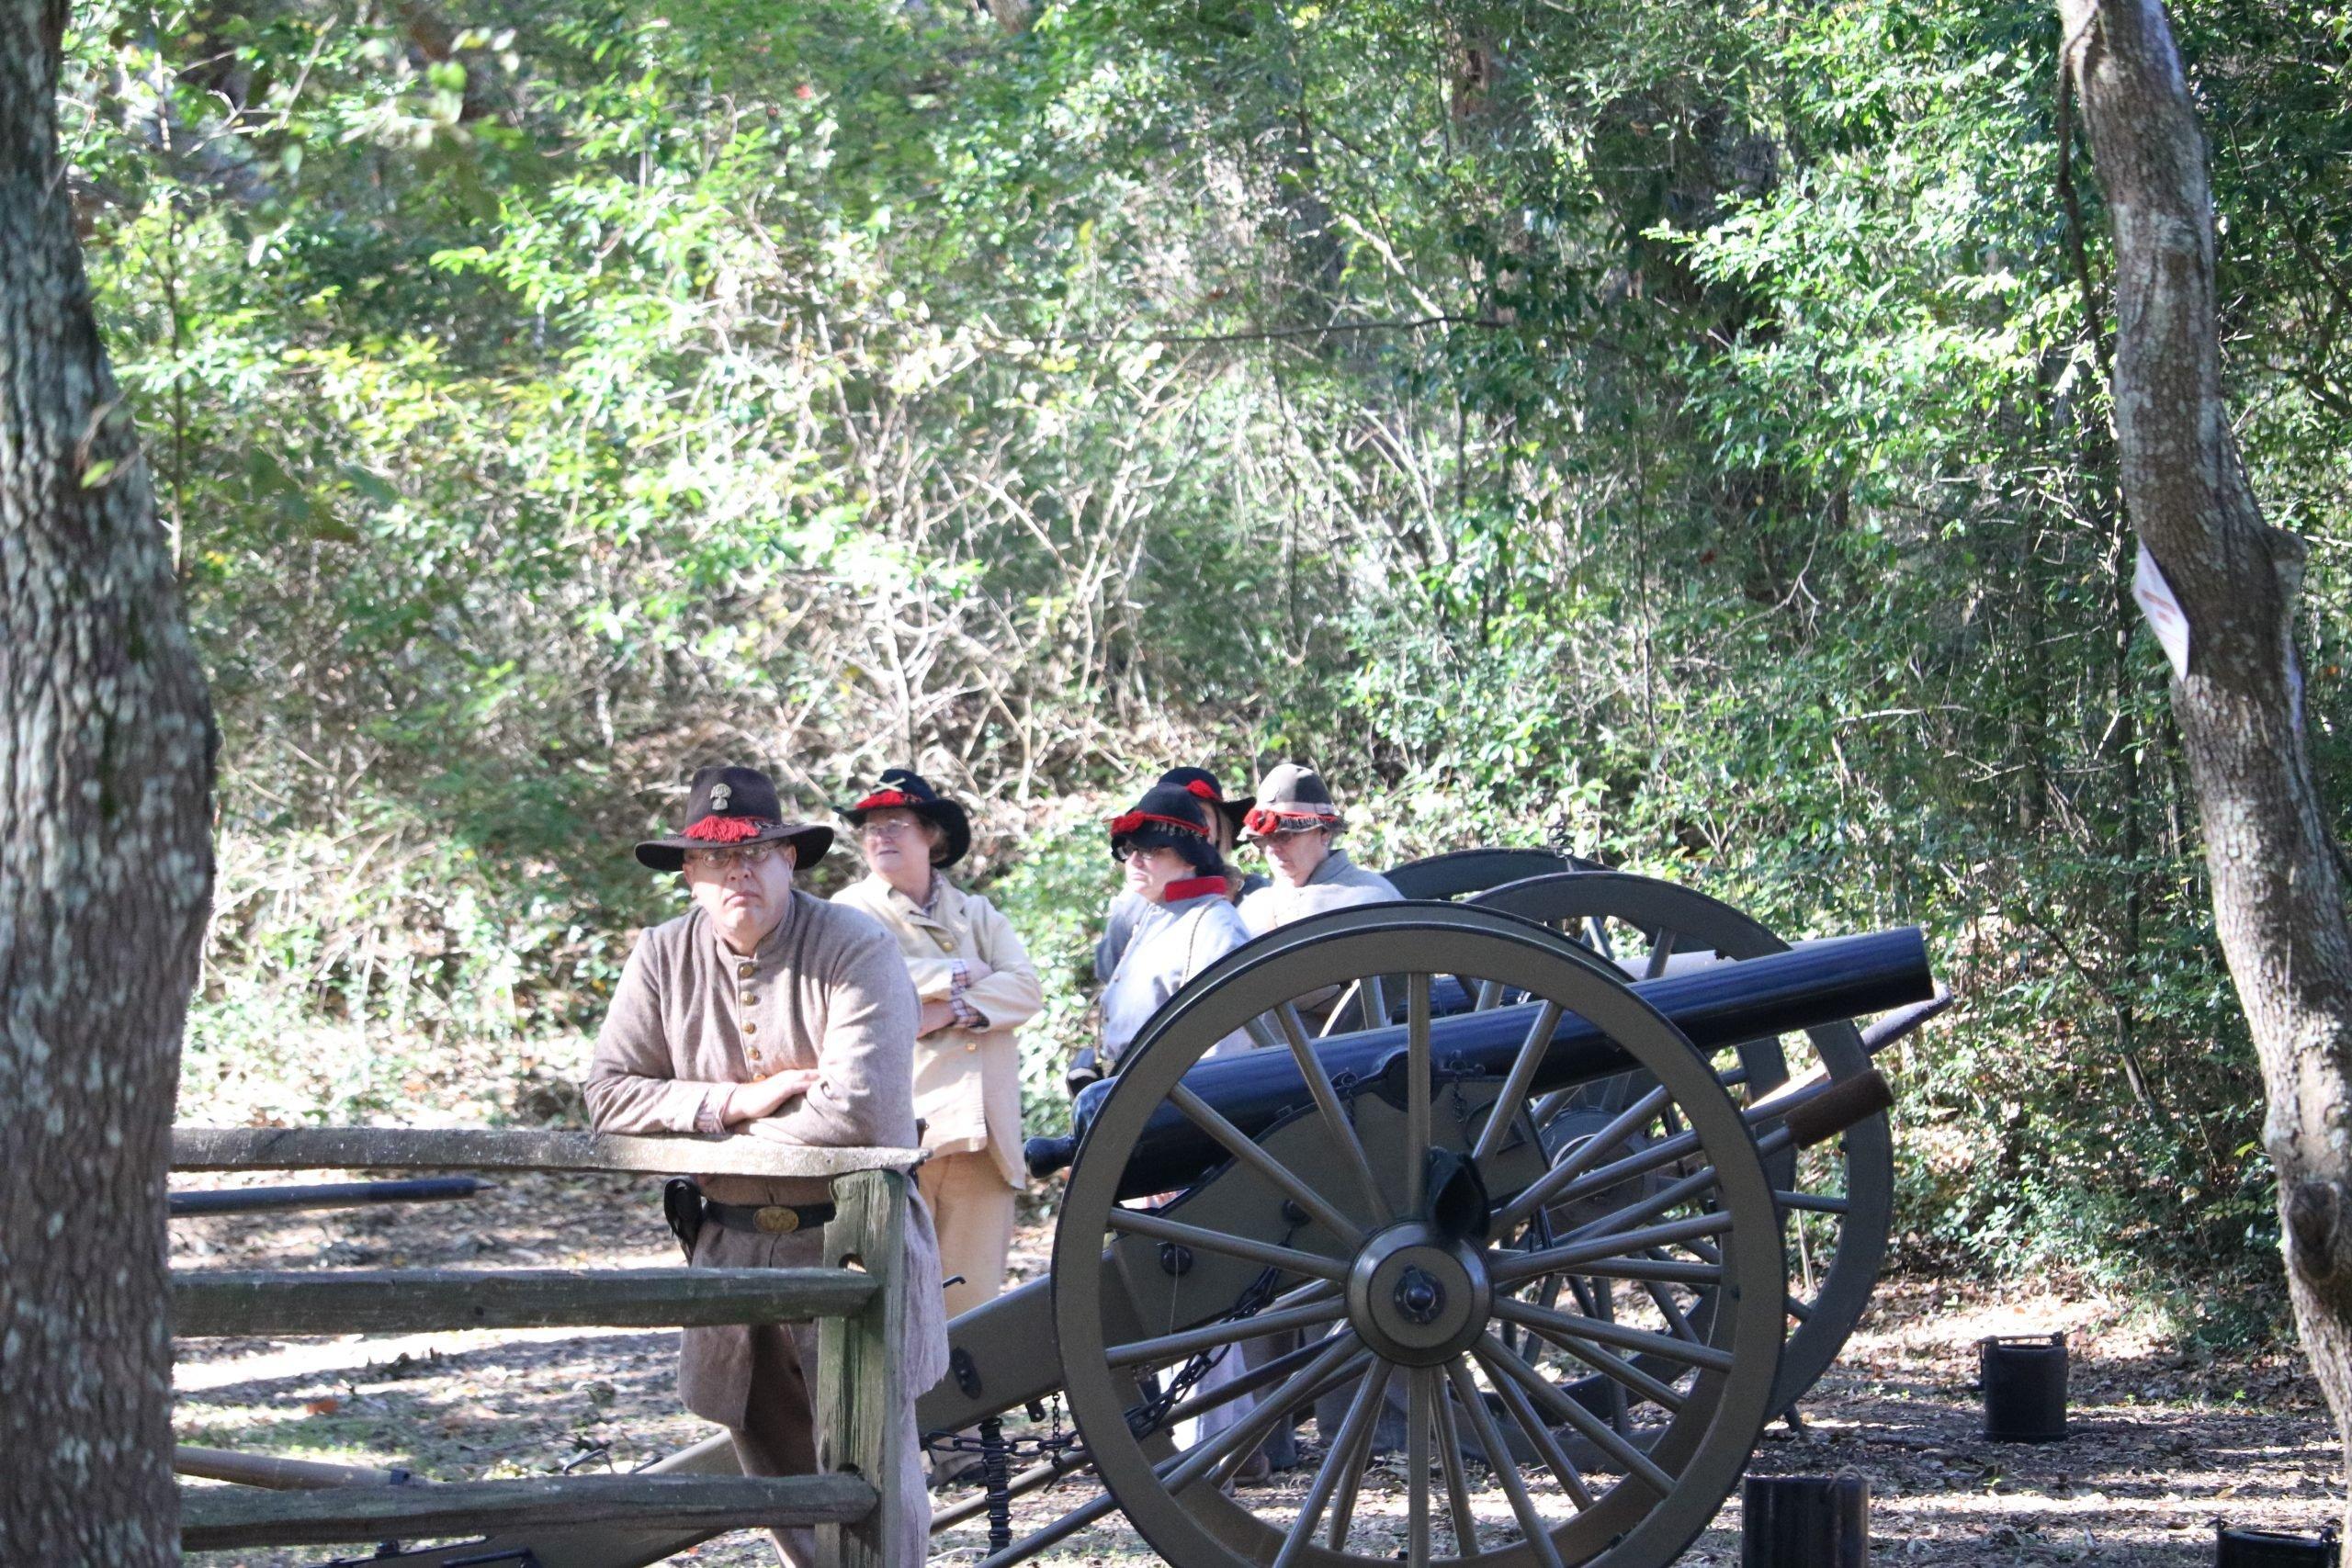 Battle of Secessionville Re-Enactment